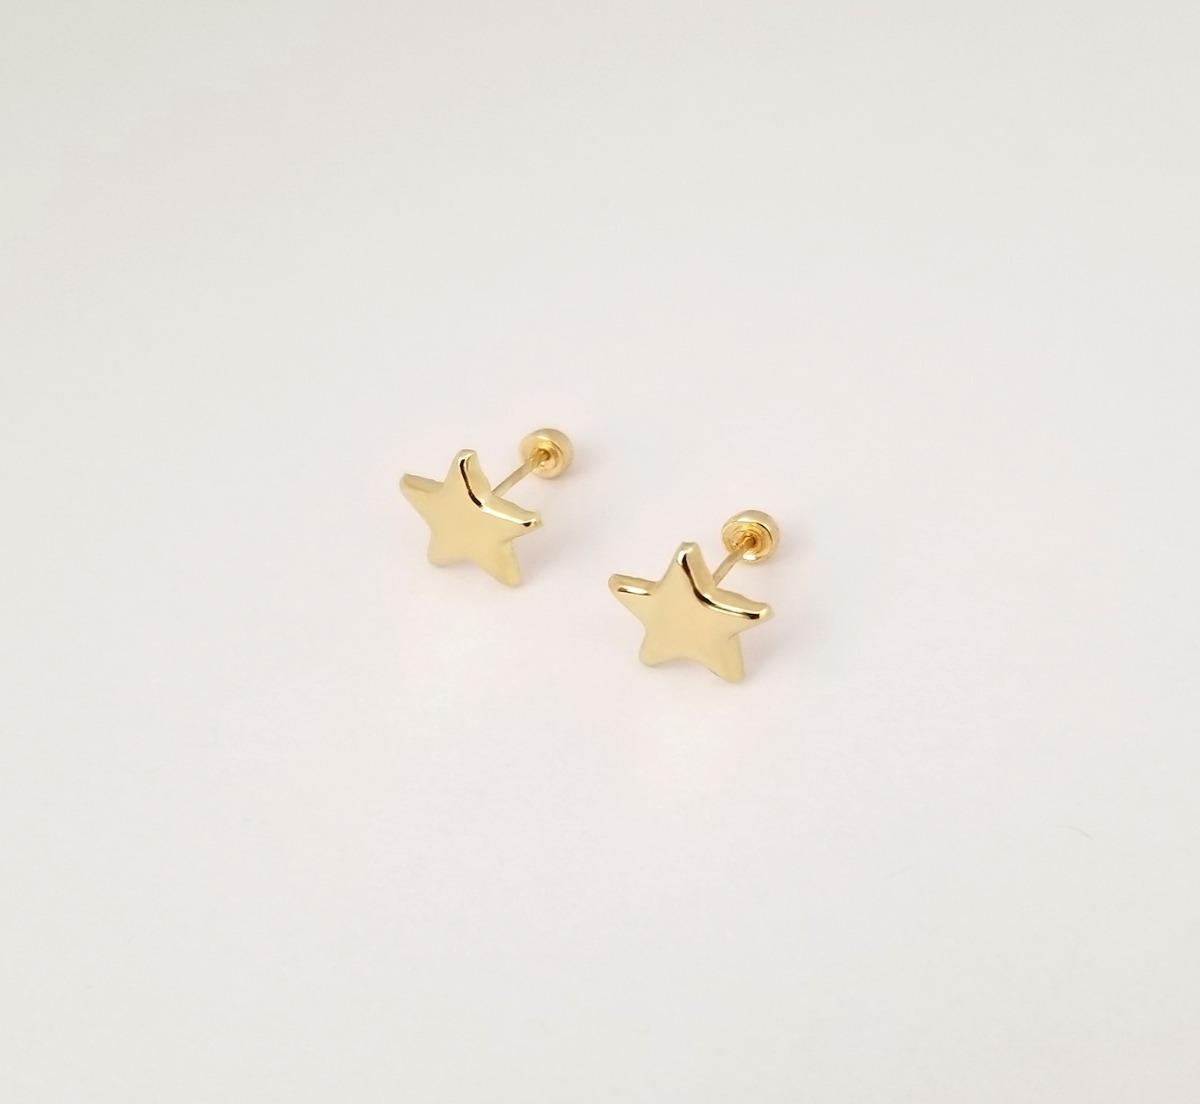 9e9df2995f91 Aretes Broquel De Estrella Para Mujer Oro Sólido 10k -   495.00 en ...